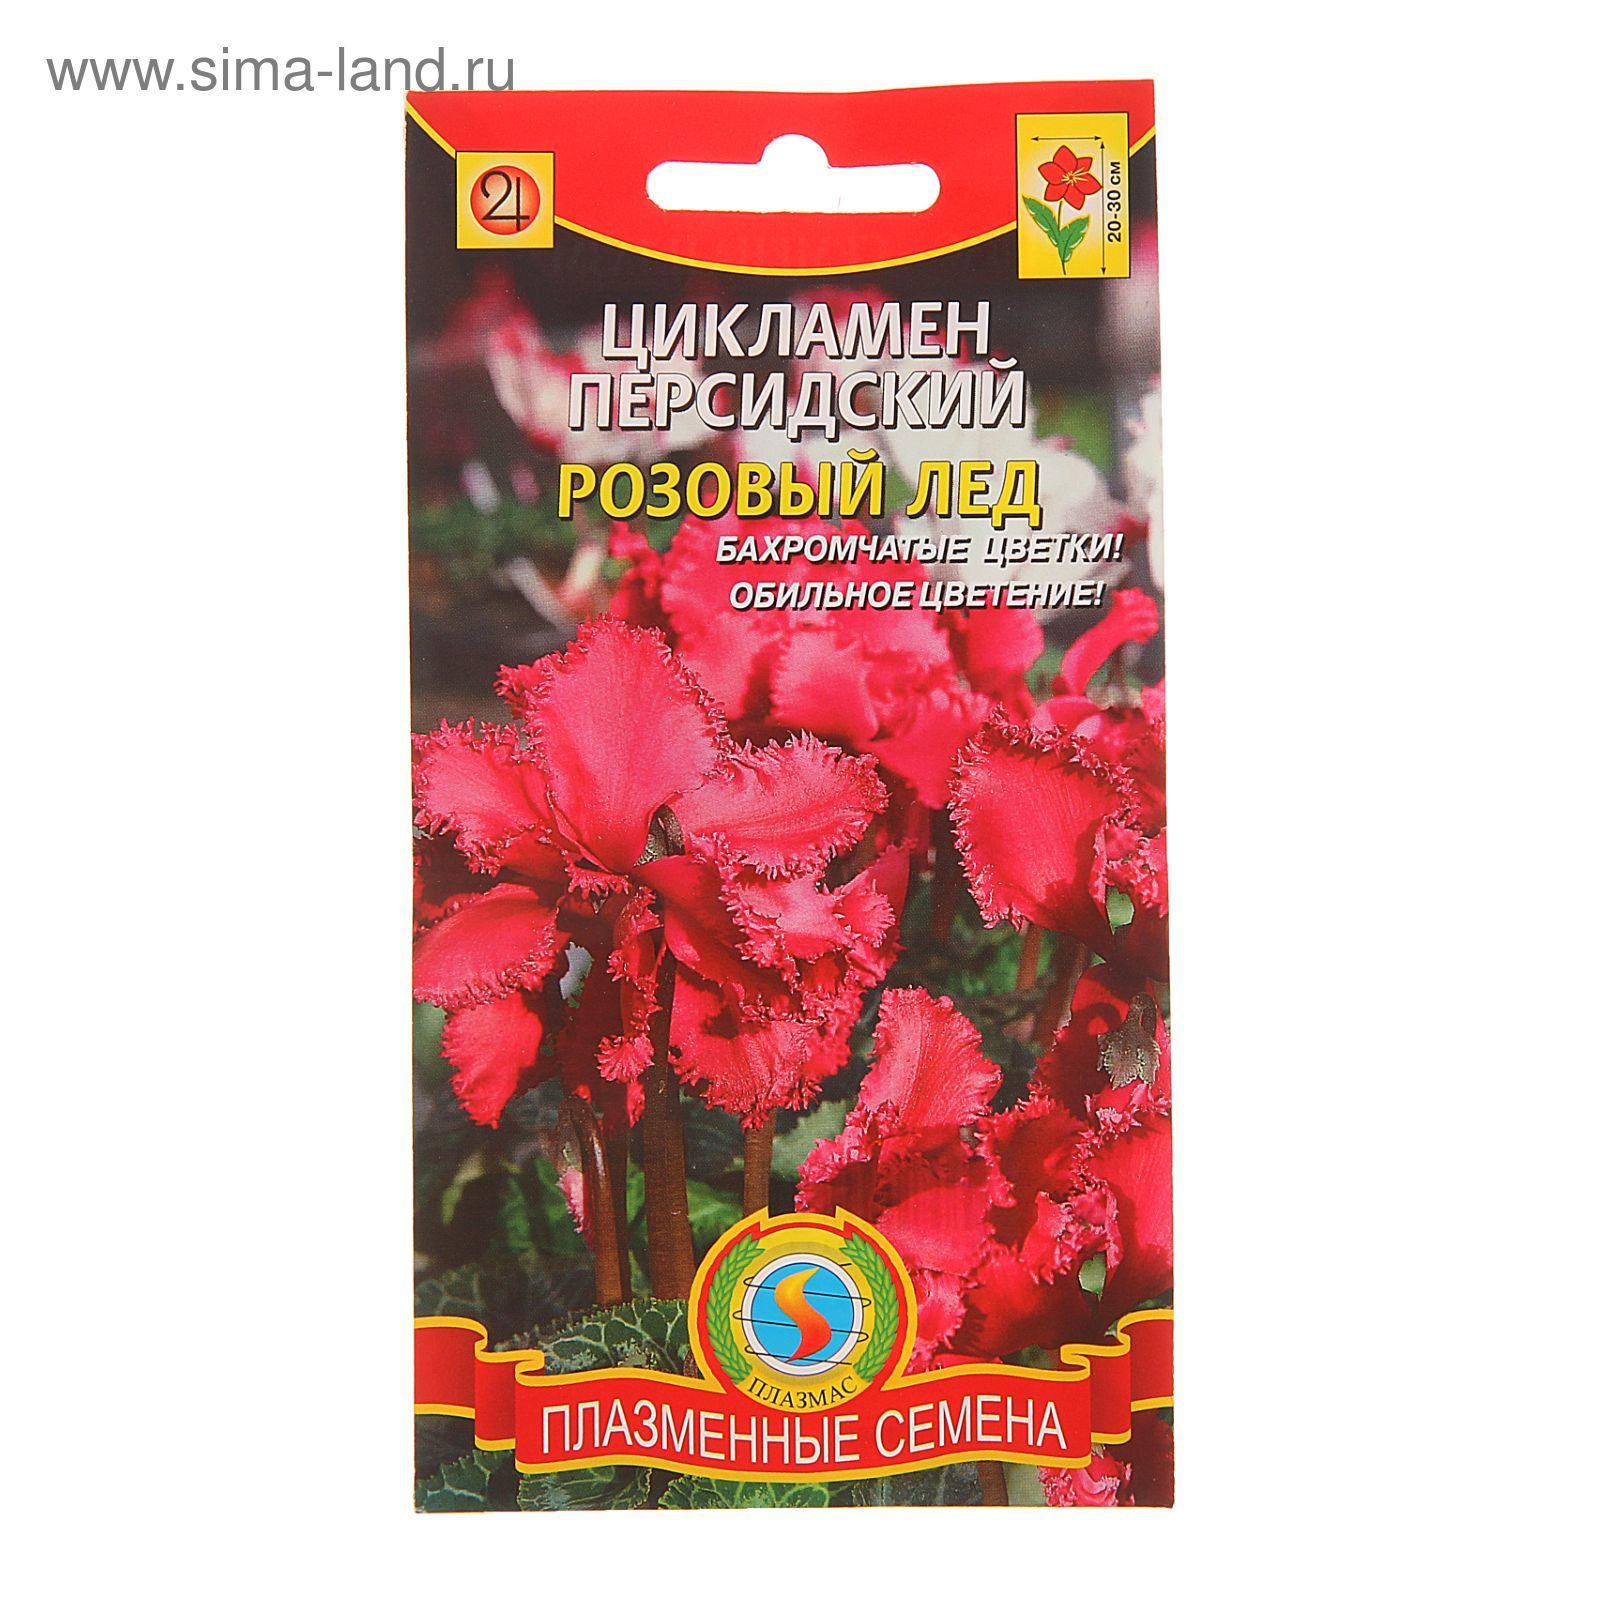 Семена комнатных и экзотических растений купить почтой в 87